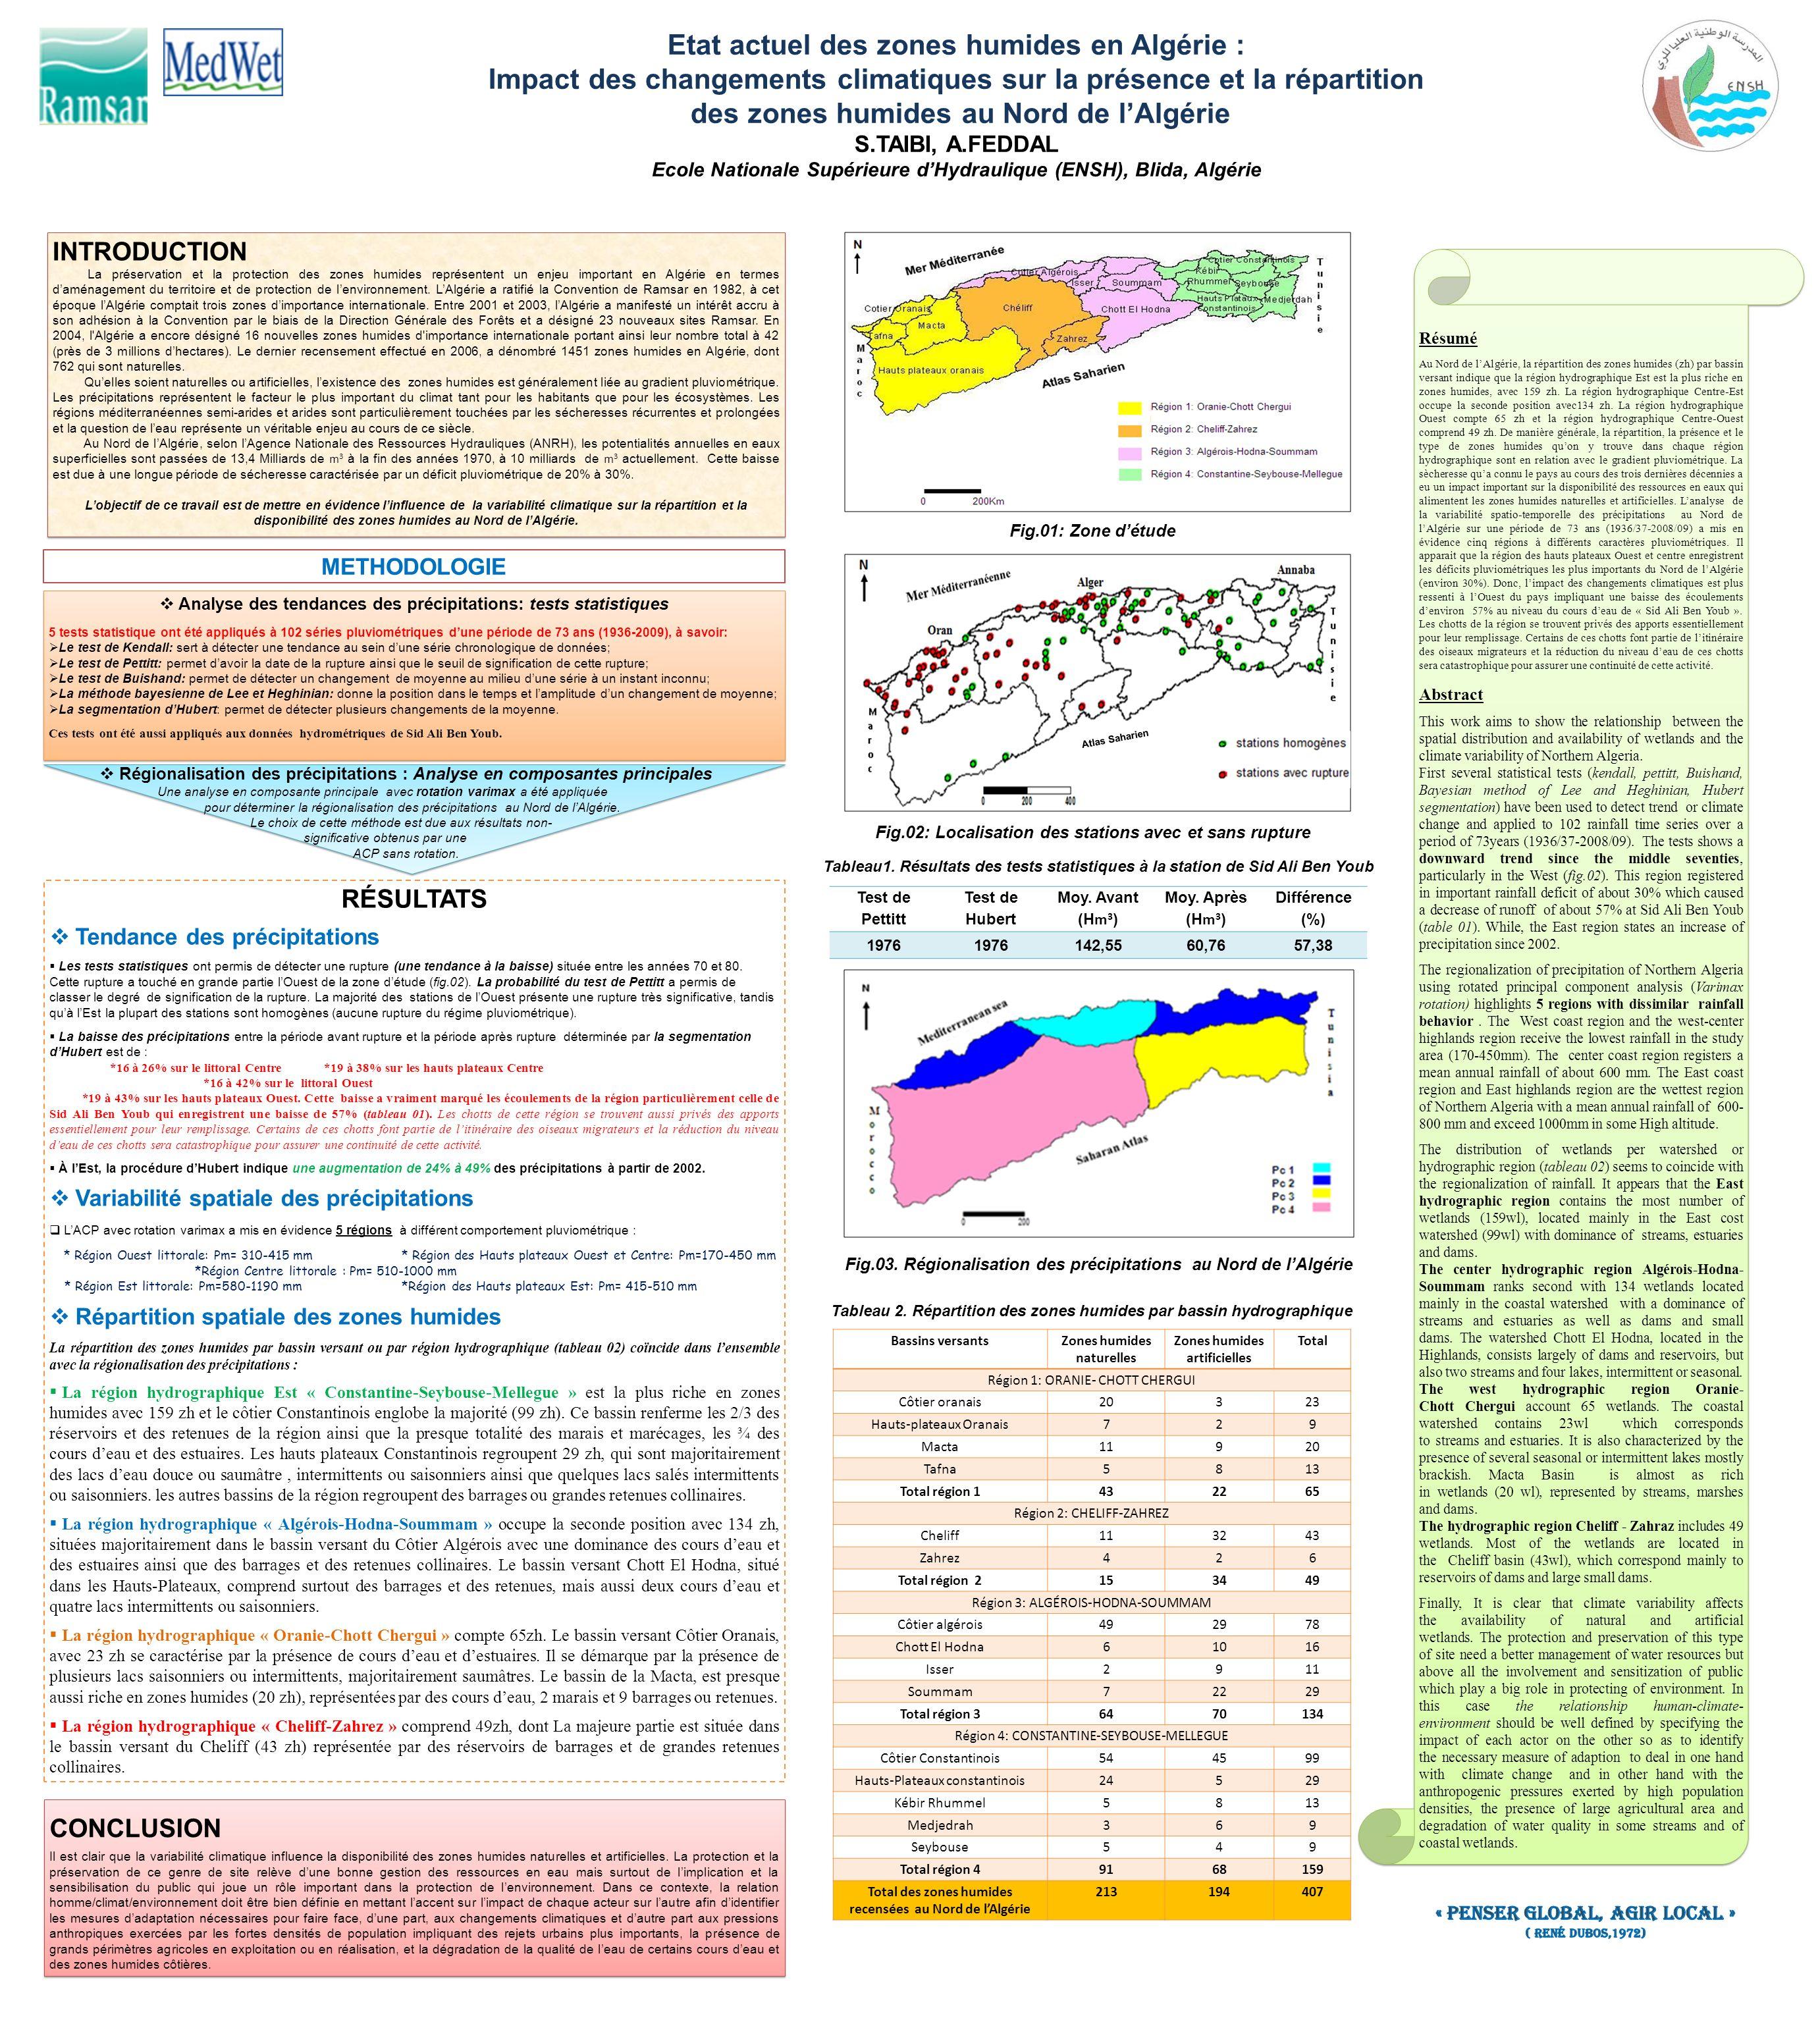 Etat actuel des zones humides en Algérie : Impact des changements climatiques sur la présence et la répartition des zones humides au Nord de lAlgérie